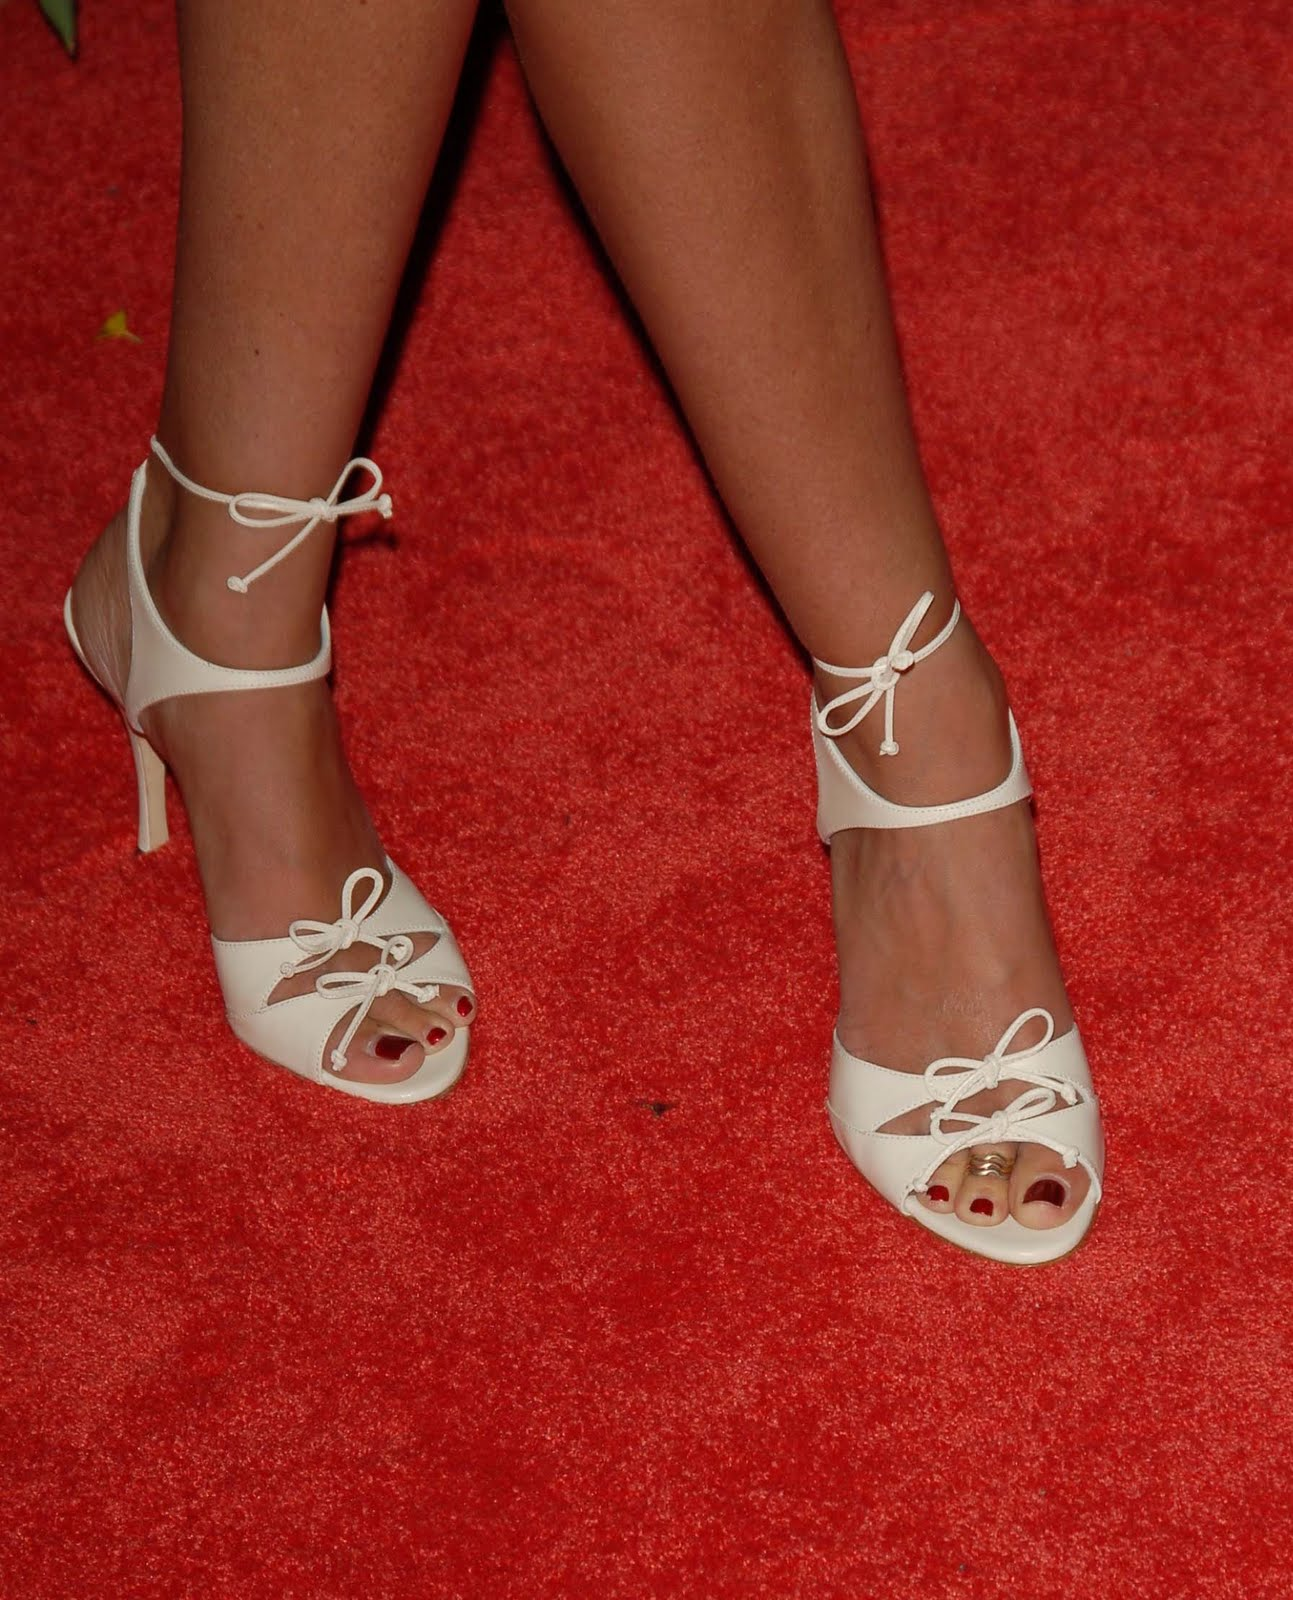 http://3.bp.blogspot.com/_UaLWp72nij4/TFiB3oGeXQI/AAAAAAAATAQ/08v2BTp_8RM/s1600/tori-spelling-feet-3.jpg